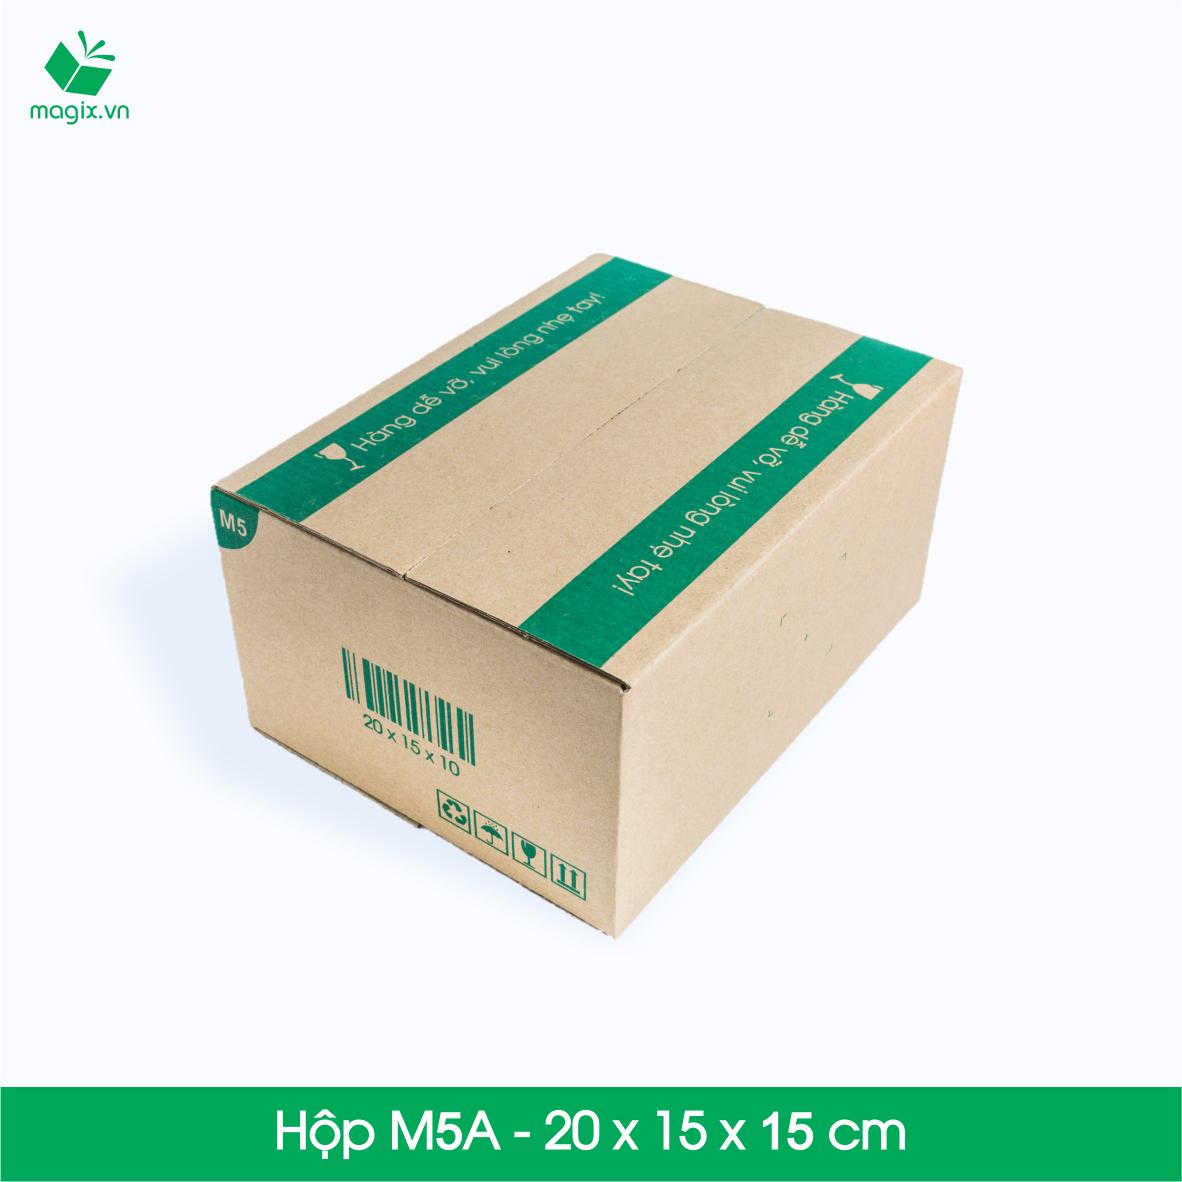 Mua thùng carton số lượng lớn sẽ nhận nhiều ưu đãi cực hấp dẫn từ Magix